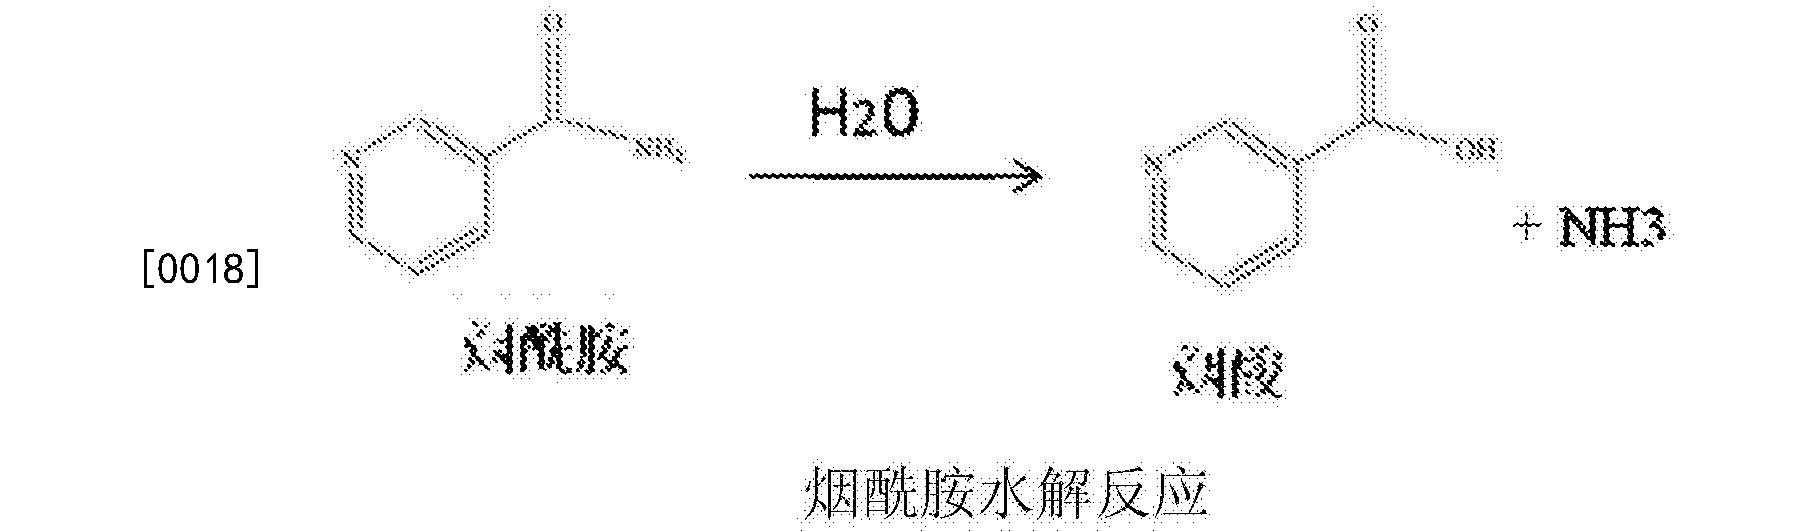 Figure CN105662948BD00041